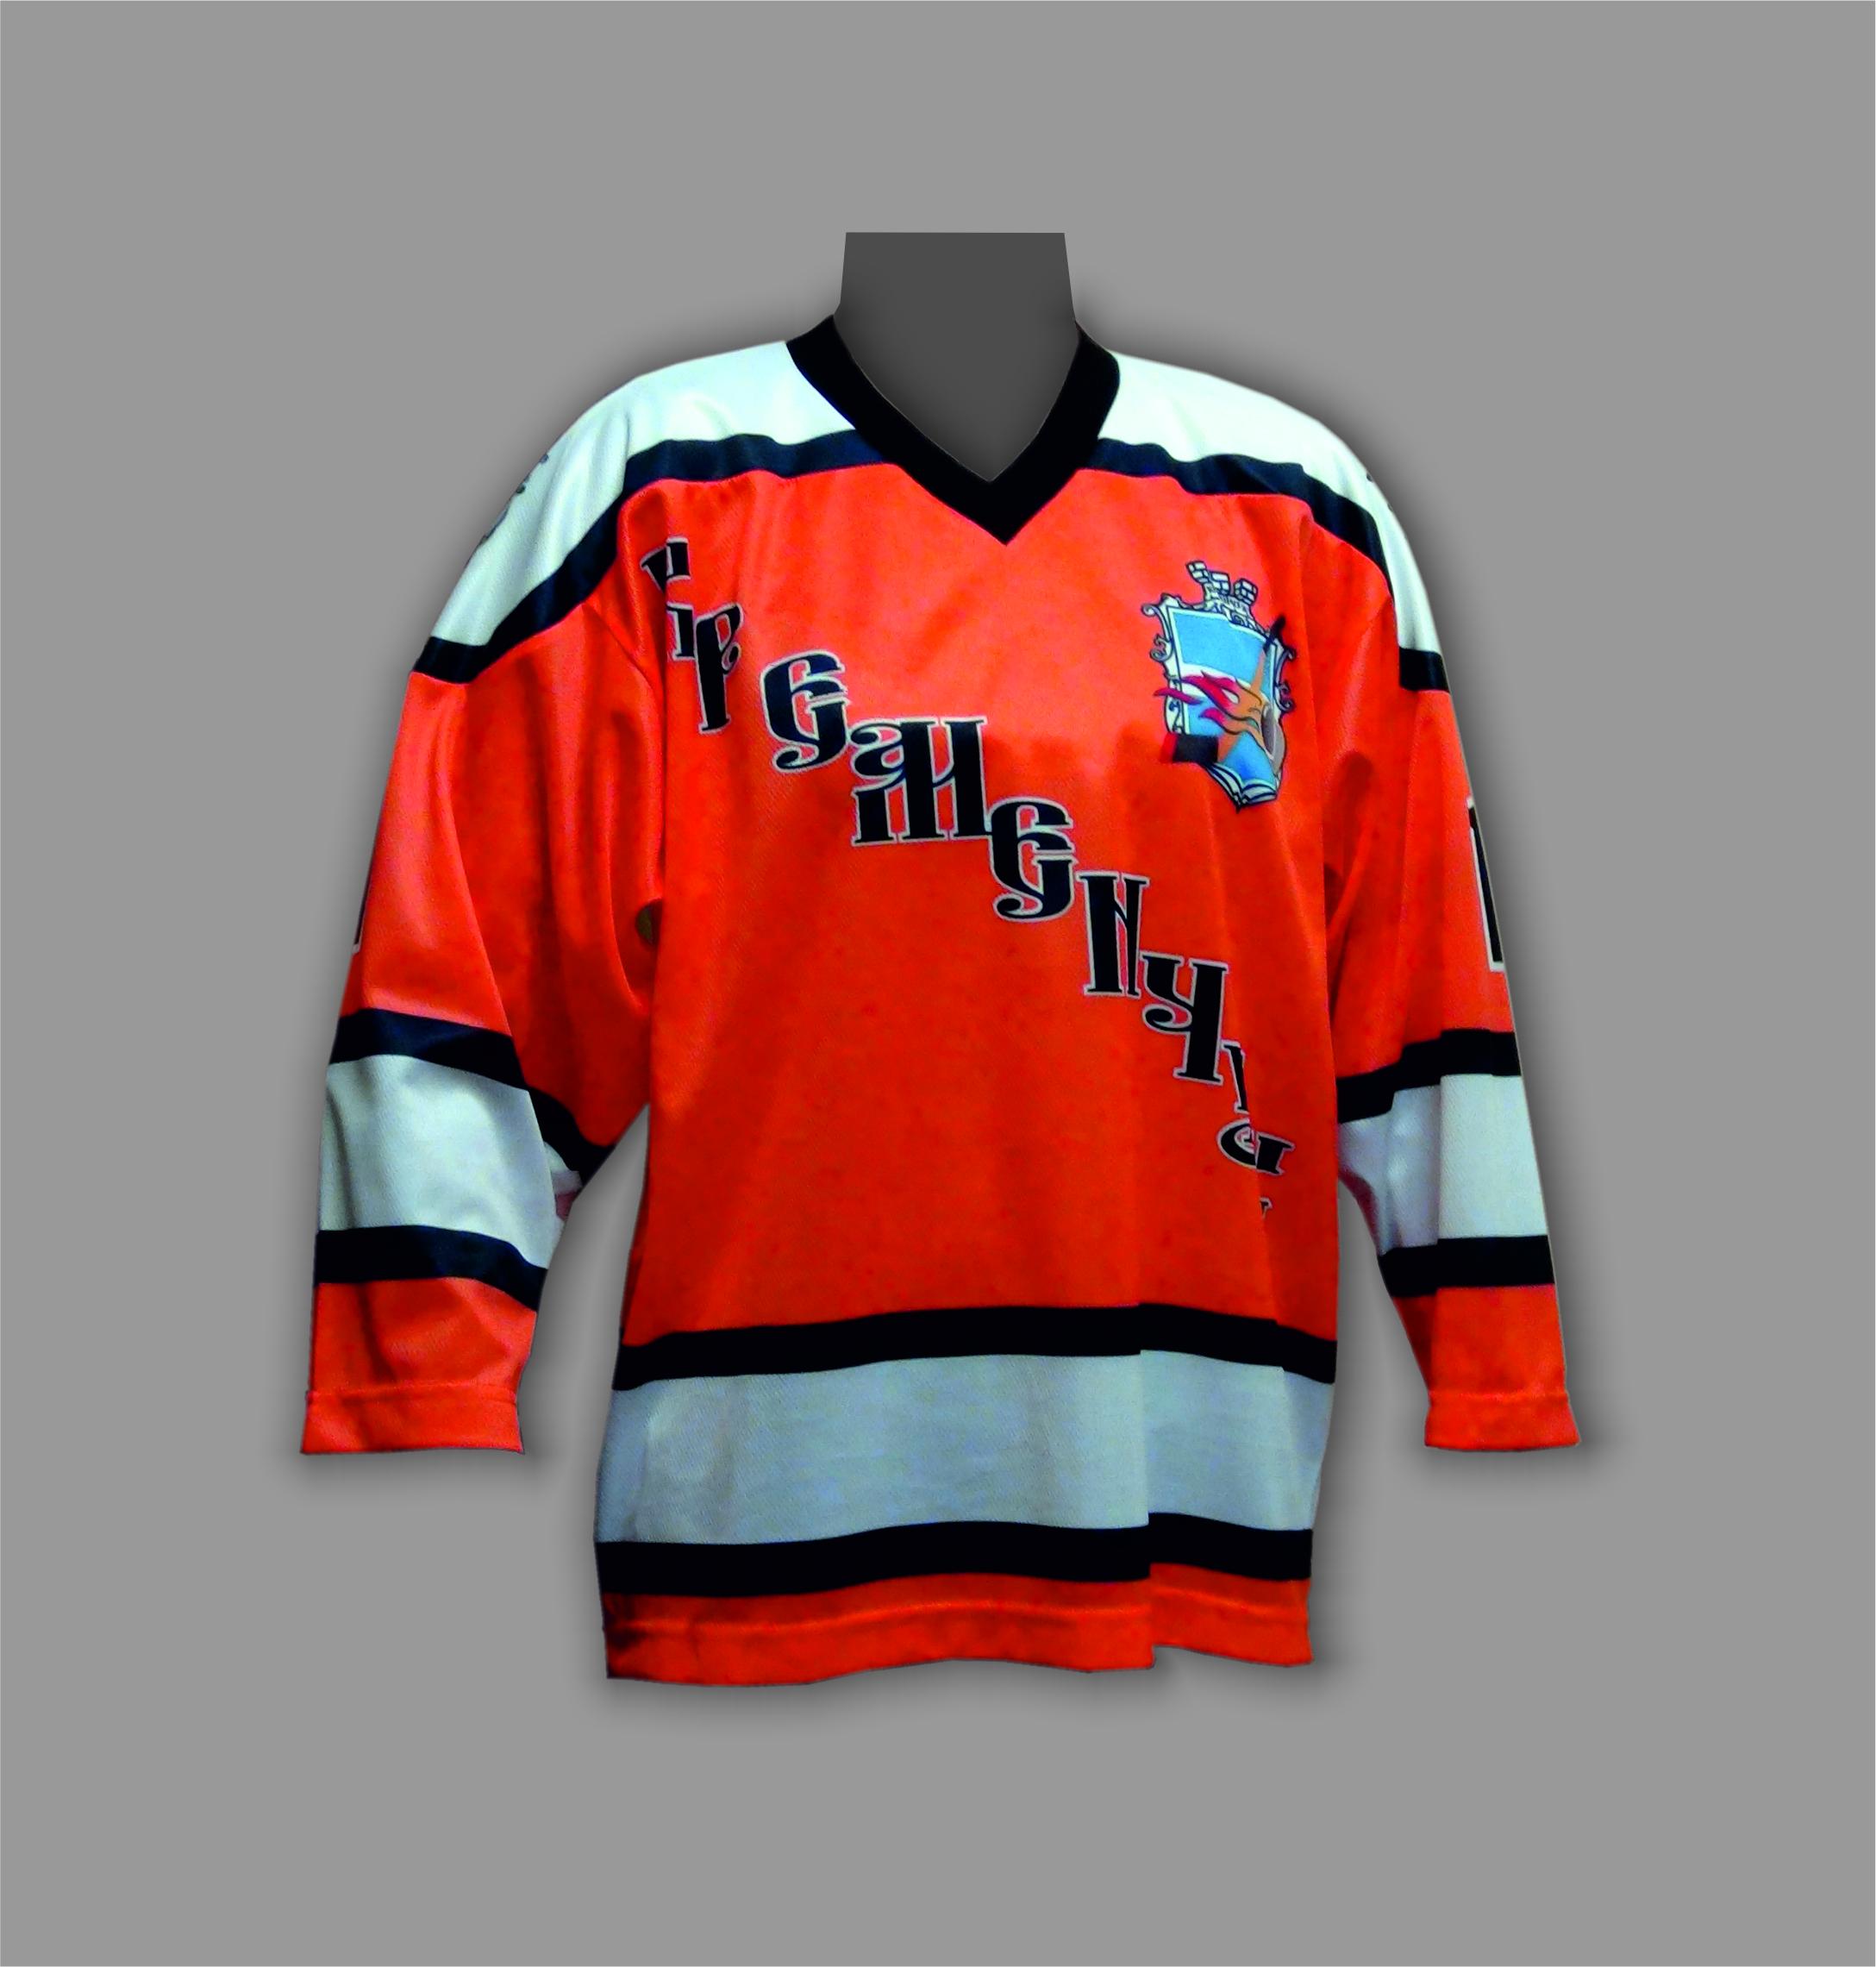 Как сделать хоккейную майку о своей фамилией Футбольные футболки: майки с футбольными клубами на заказ от